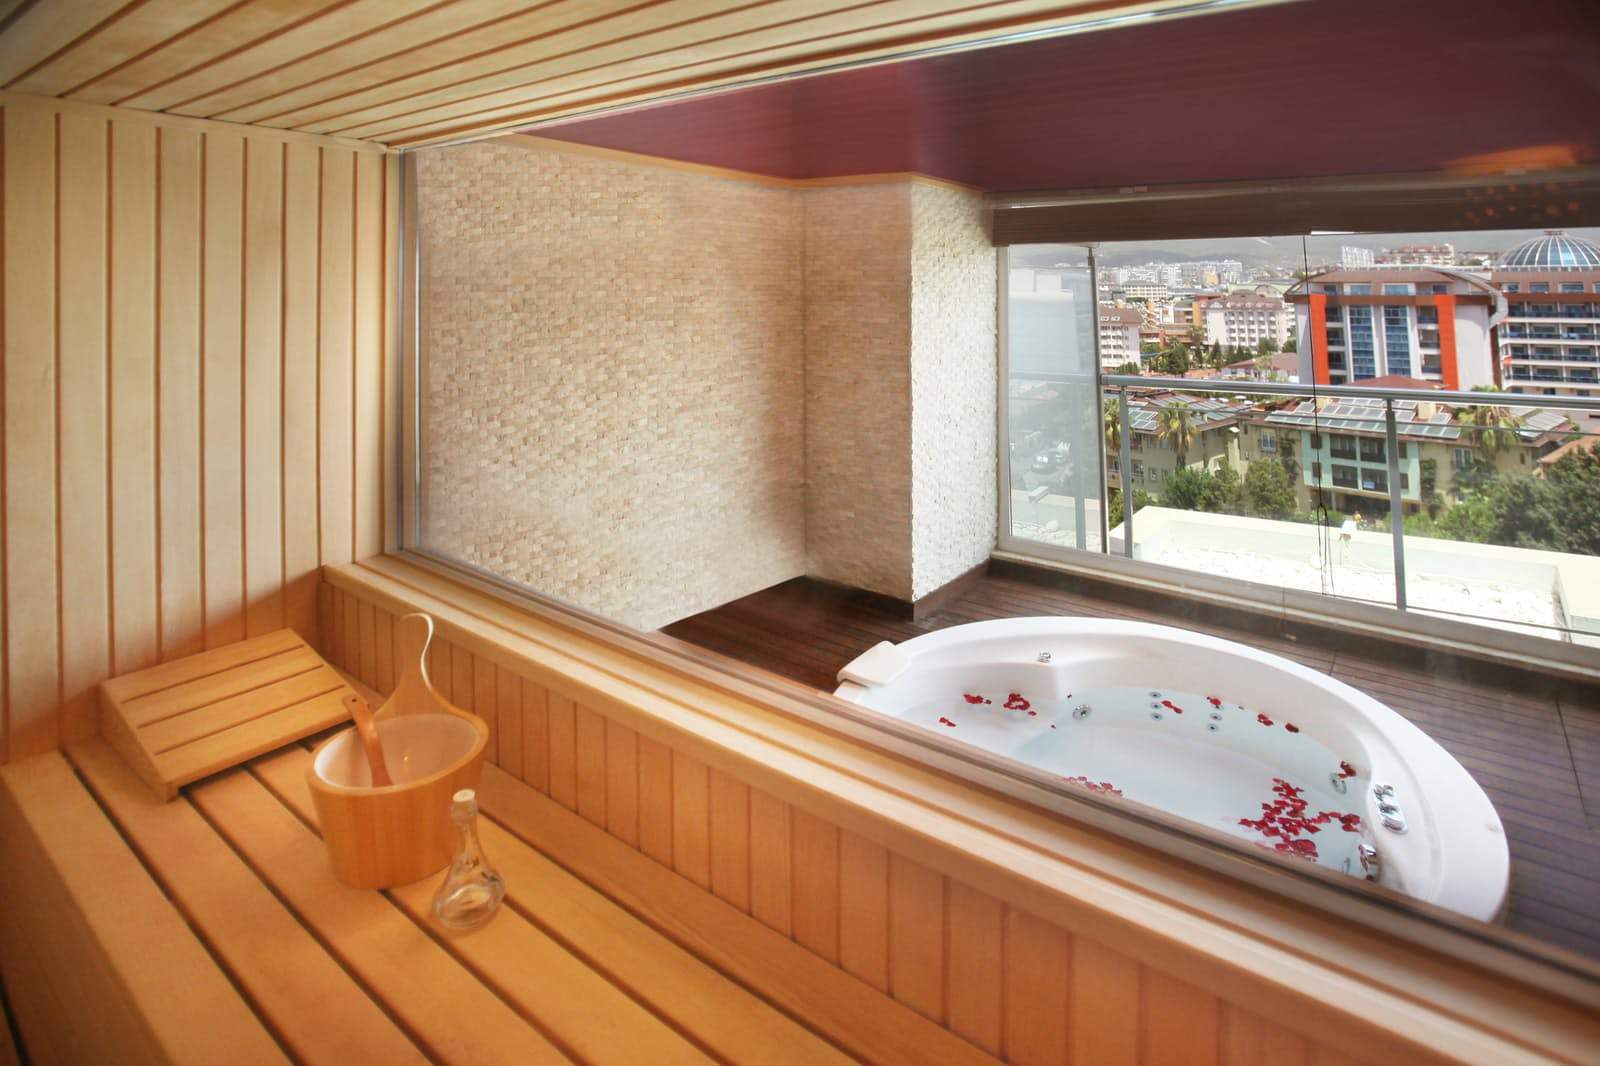 sauna im garten reizend adenya hotel and resort ab 58 e buchen of sauna im garten